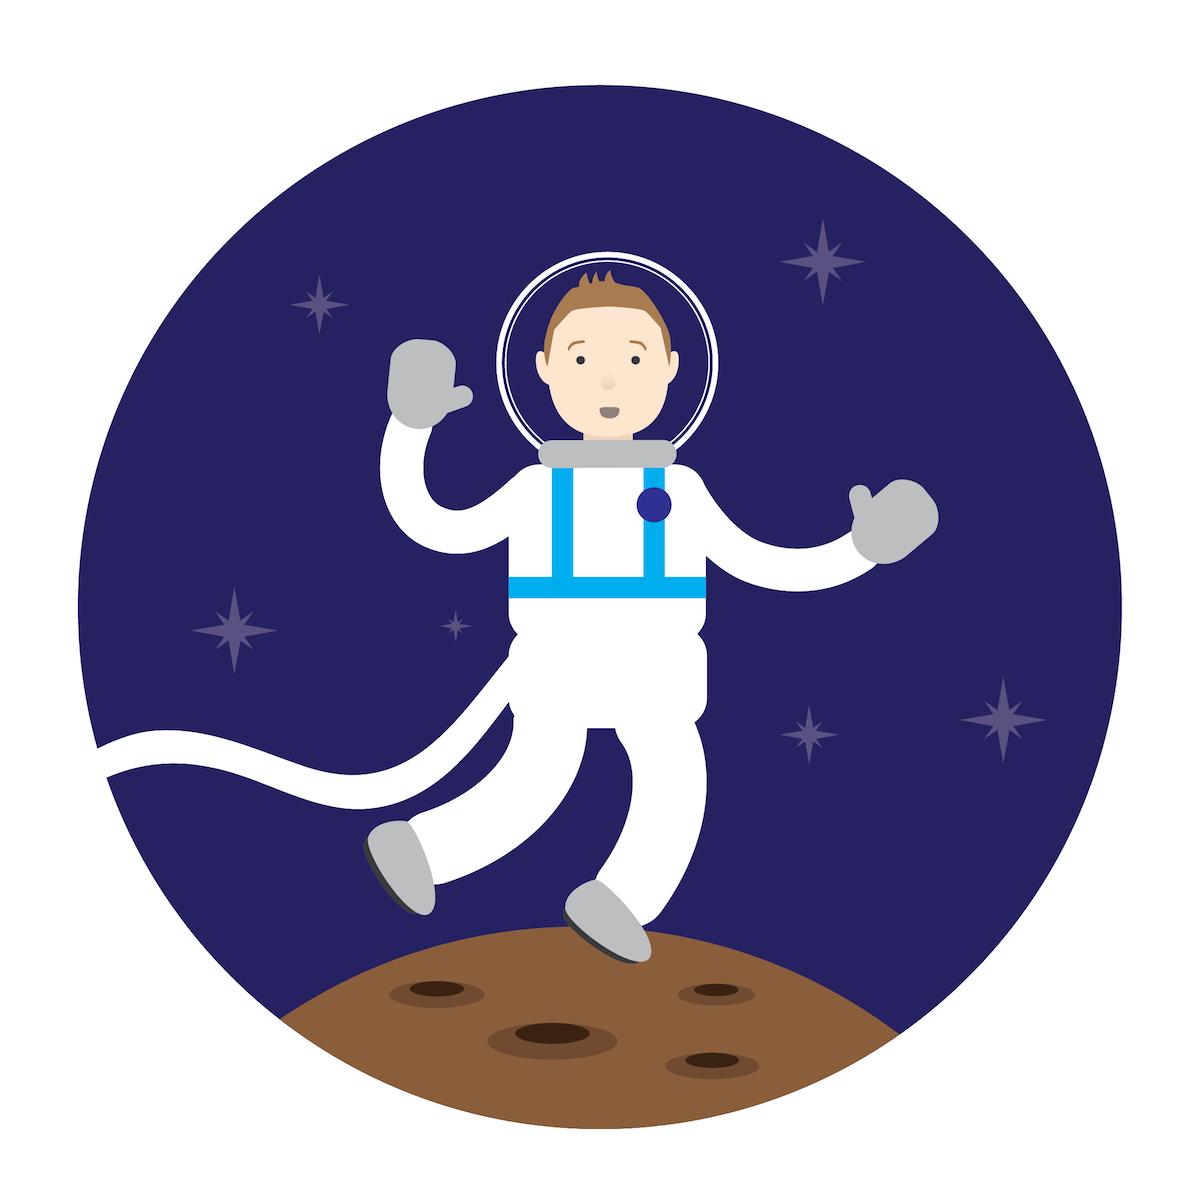 Take a trip to space #4